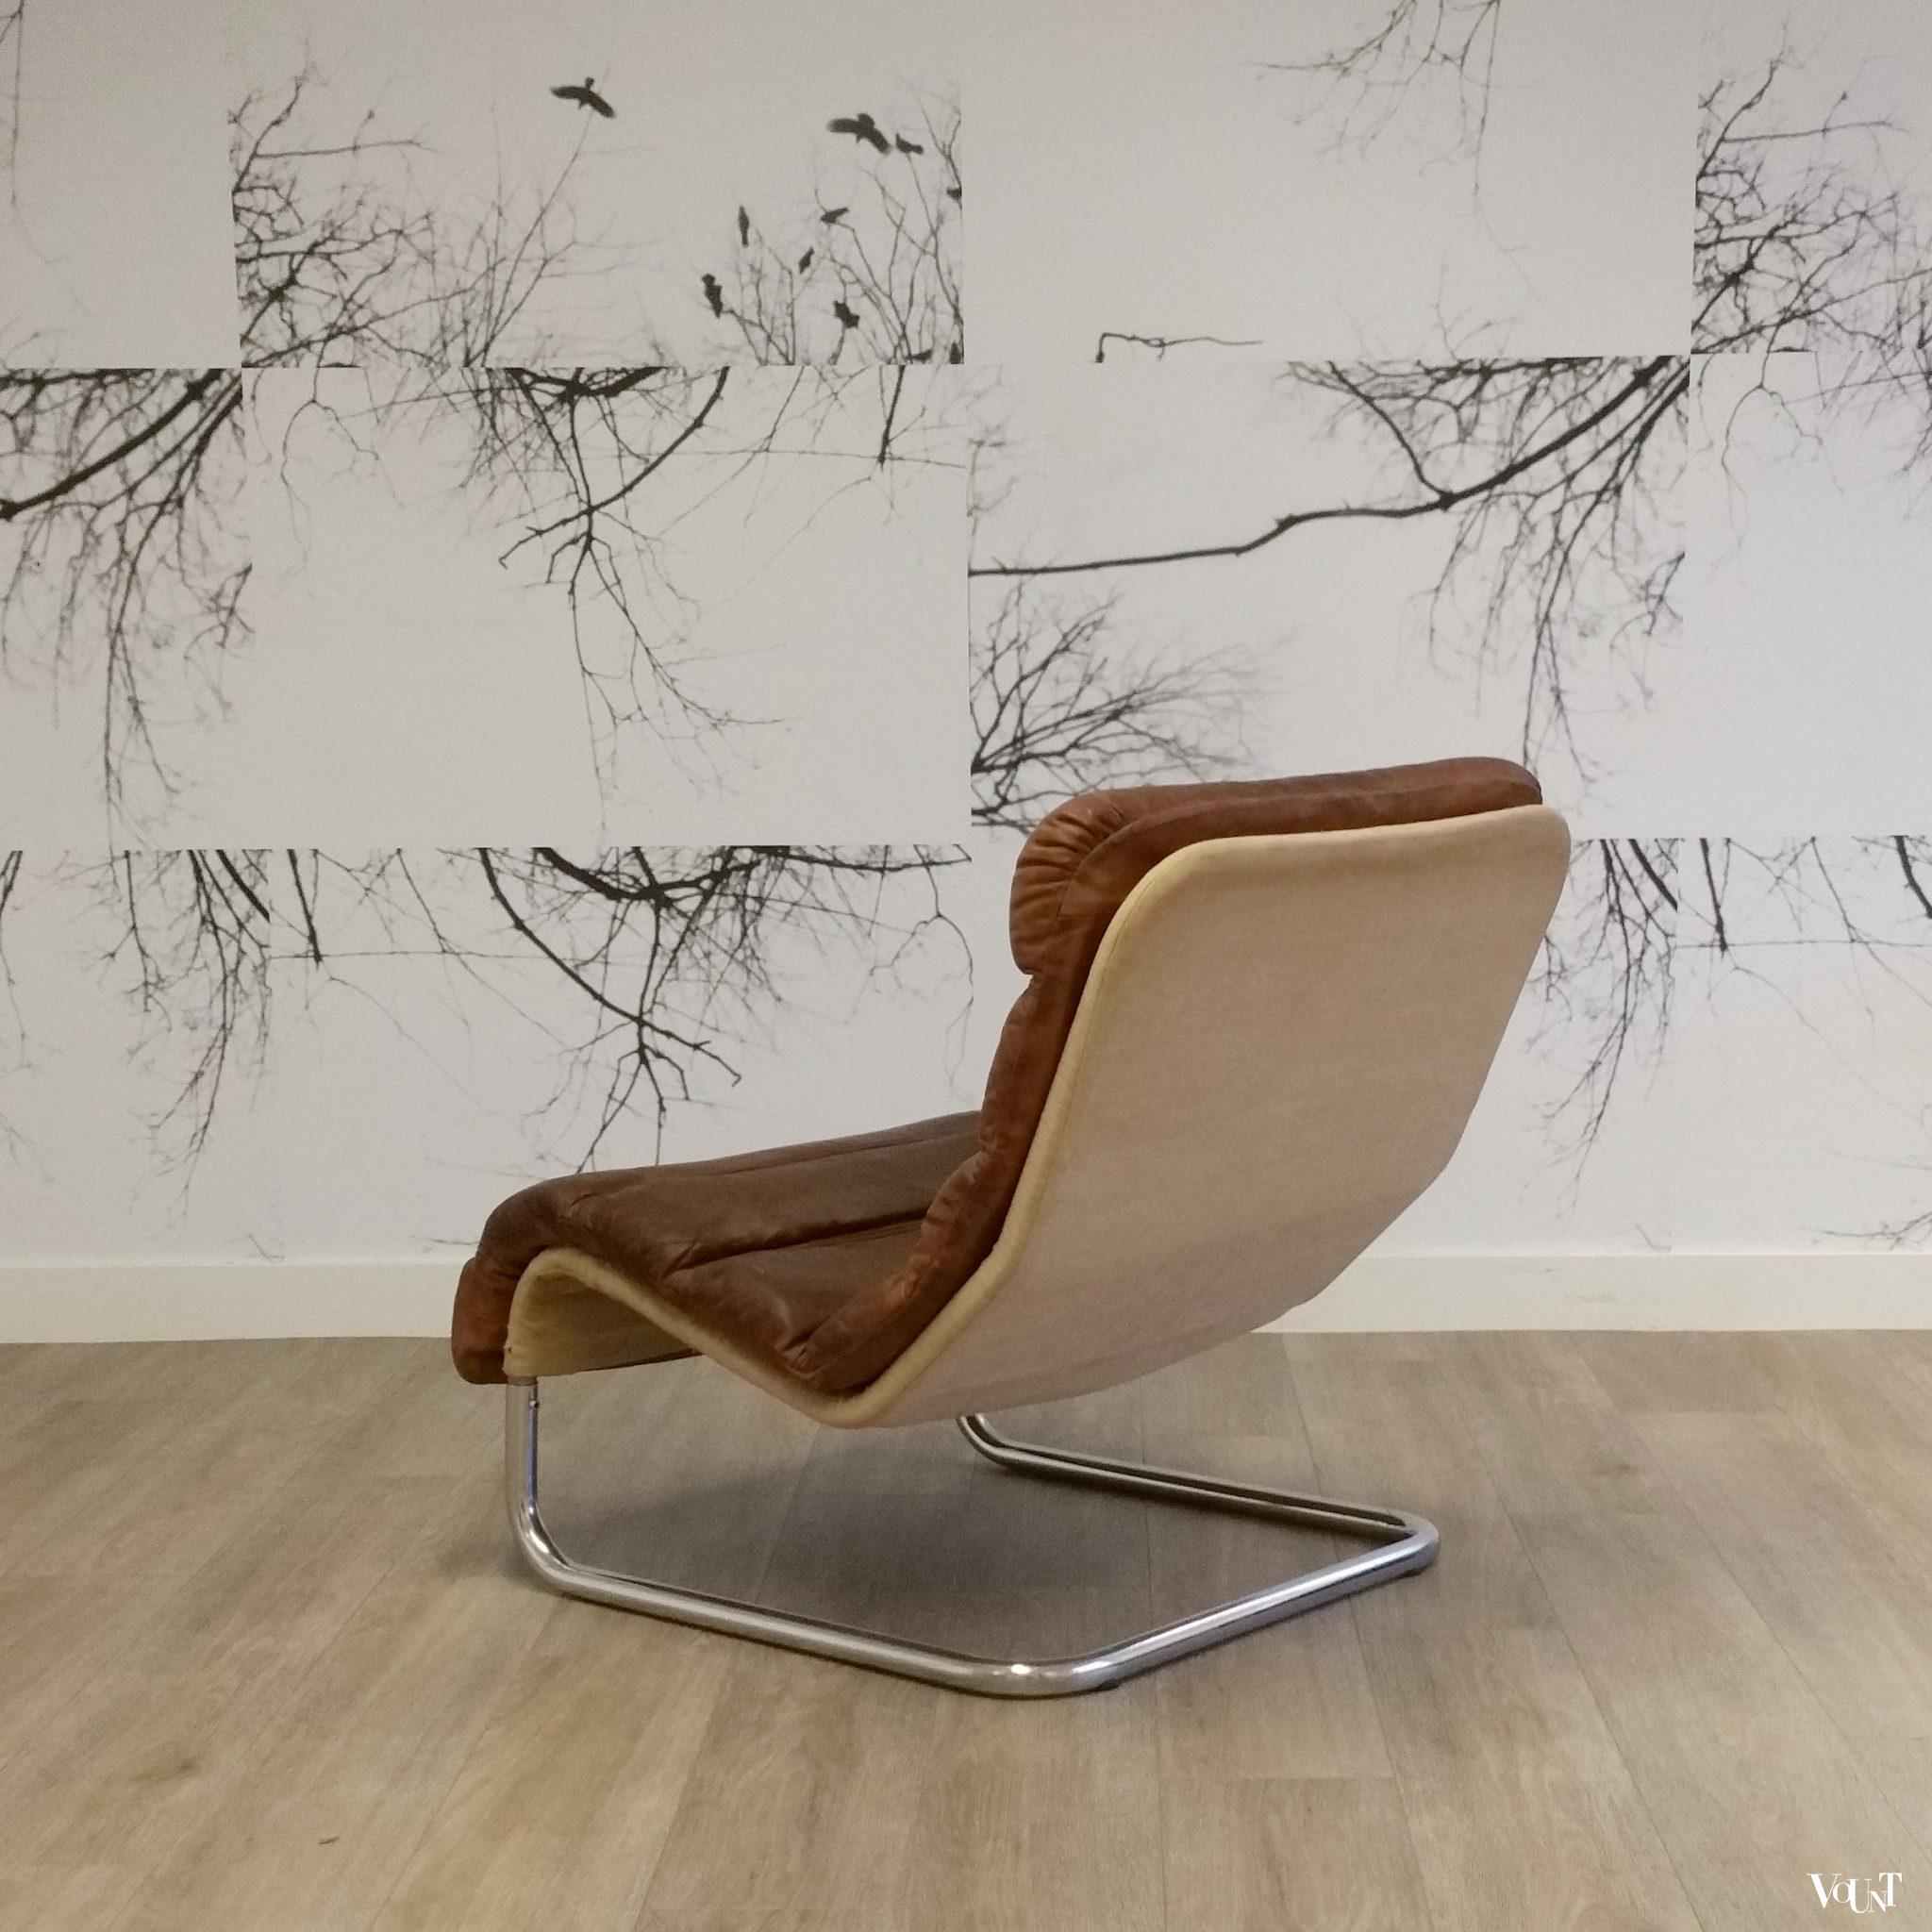 Spiksplinternieuw Buisframe fauteuil met leren bekleding, jaren '60/'70 CQ-77